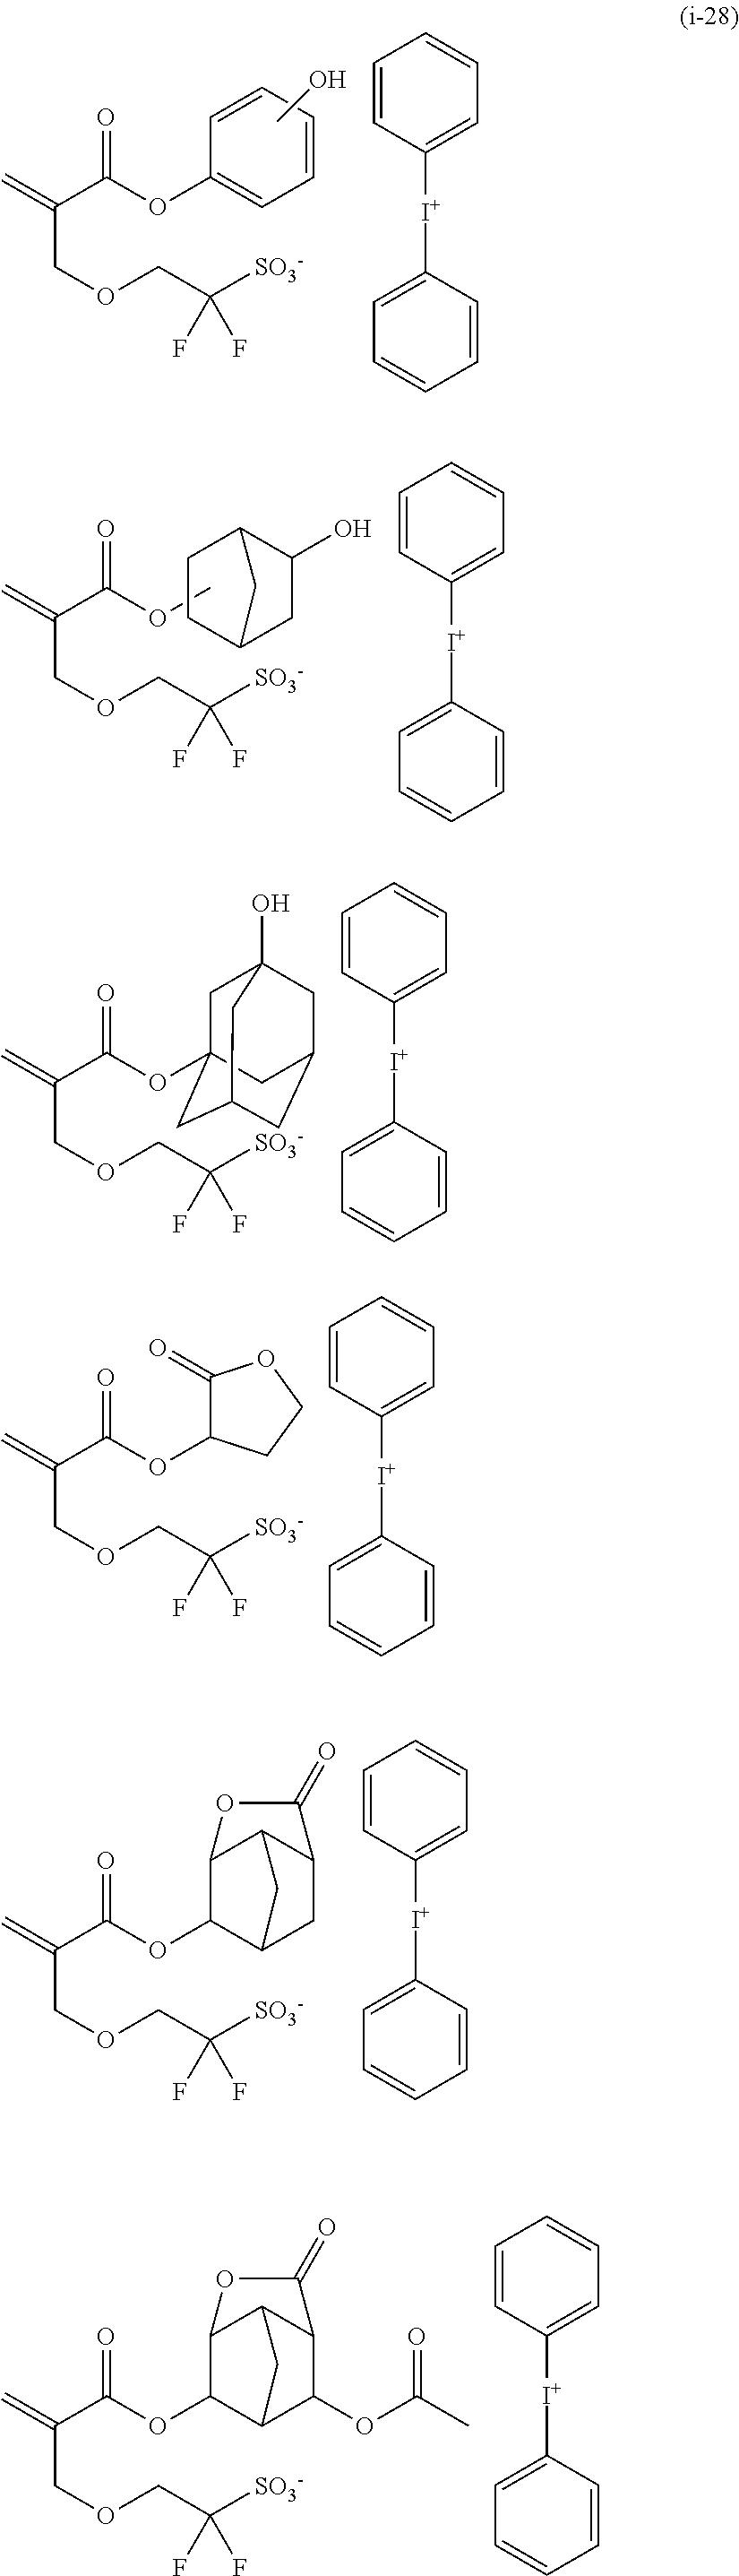 Figure US09488914-20161108-C00110